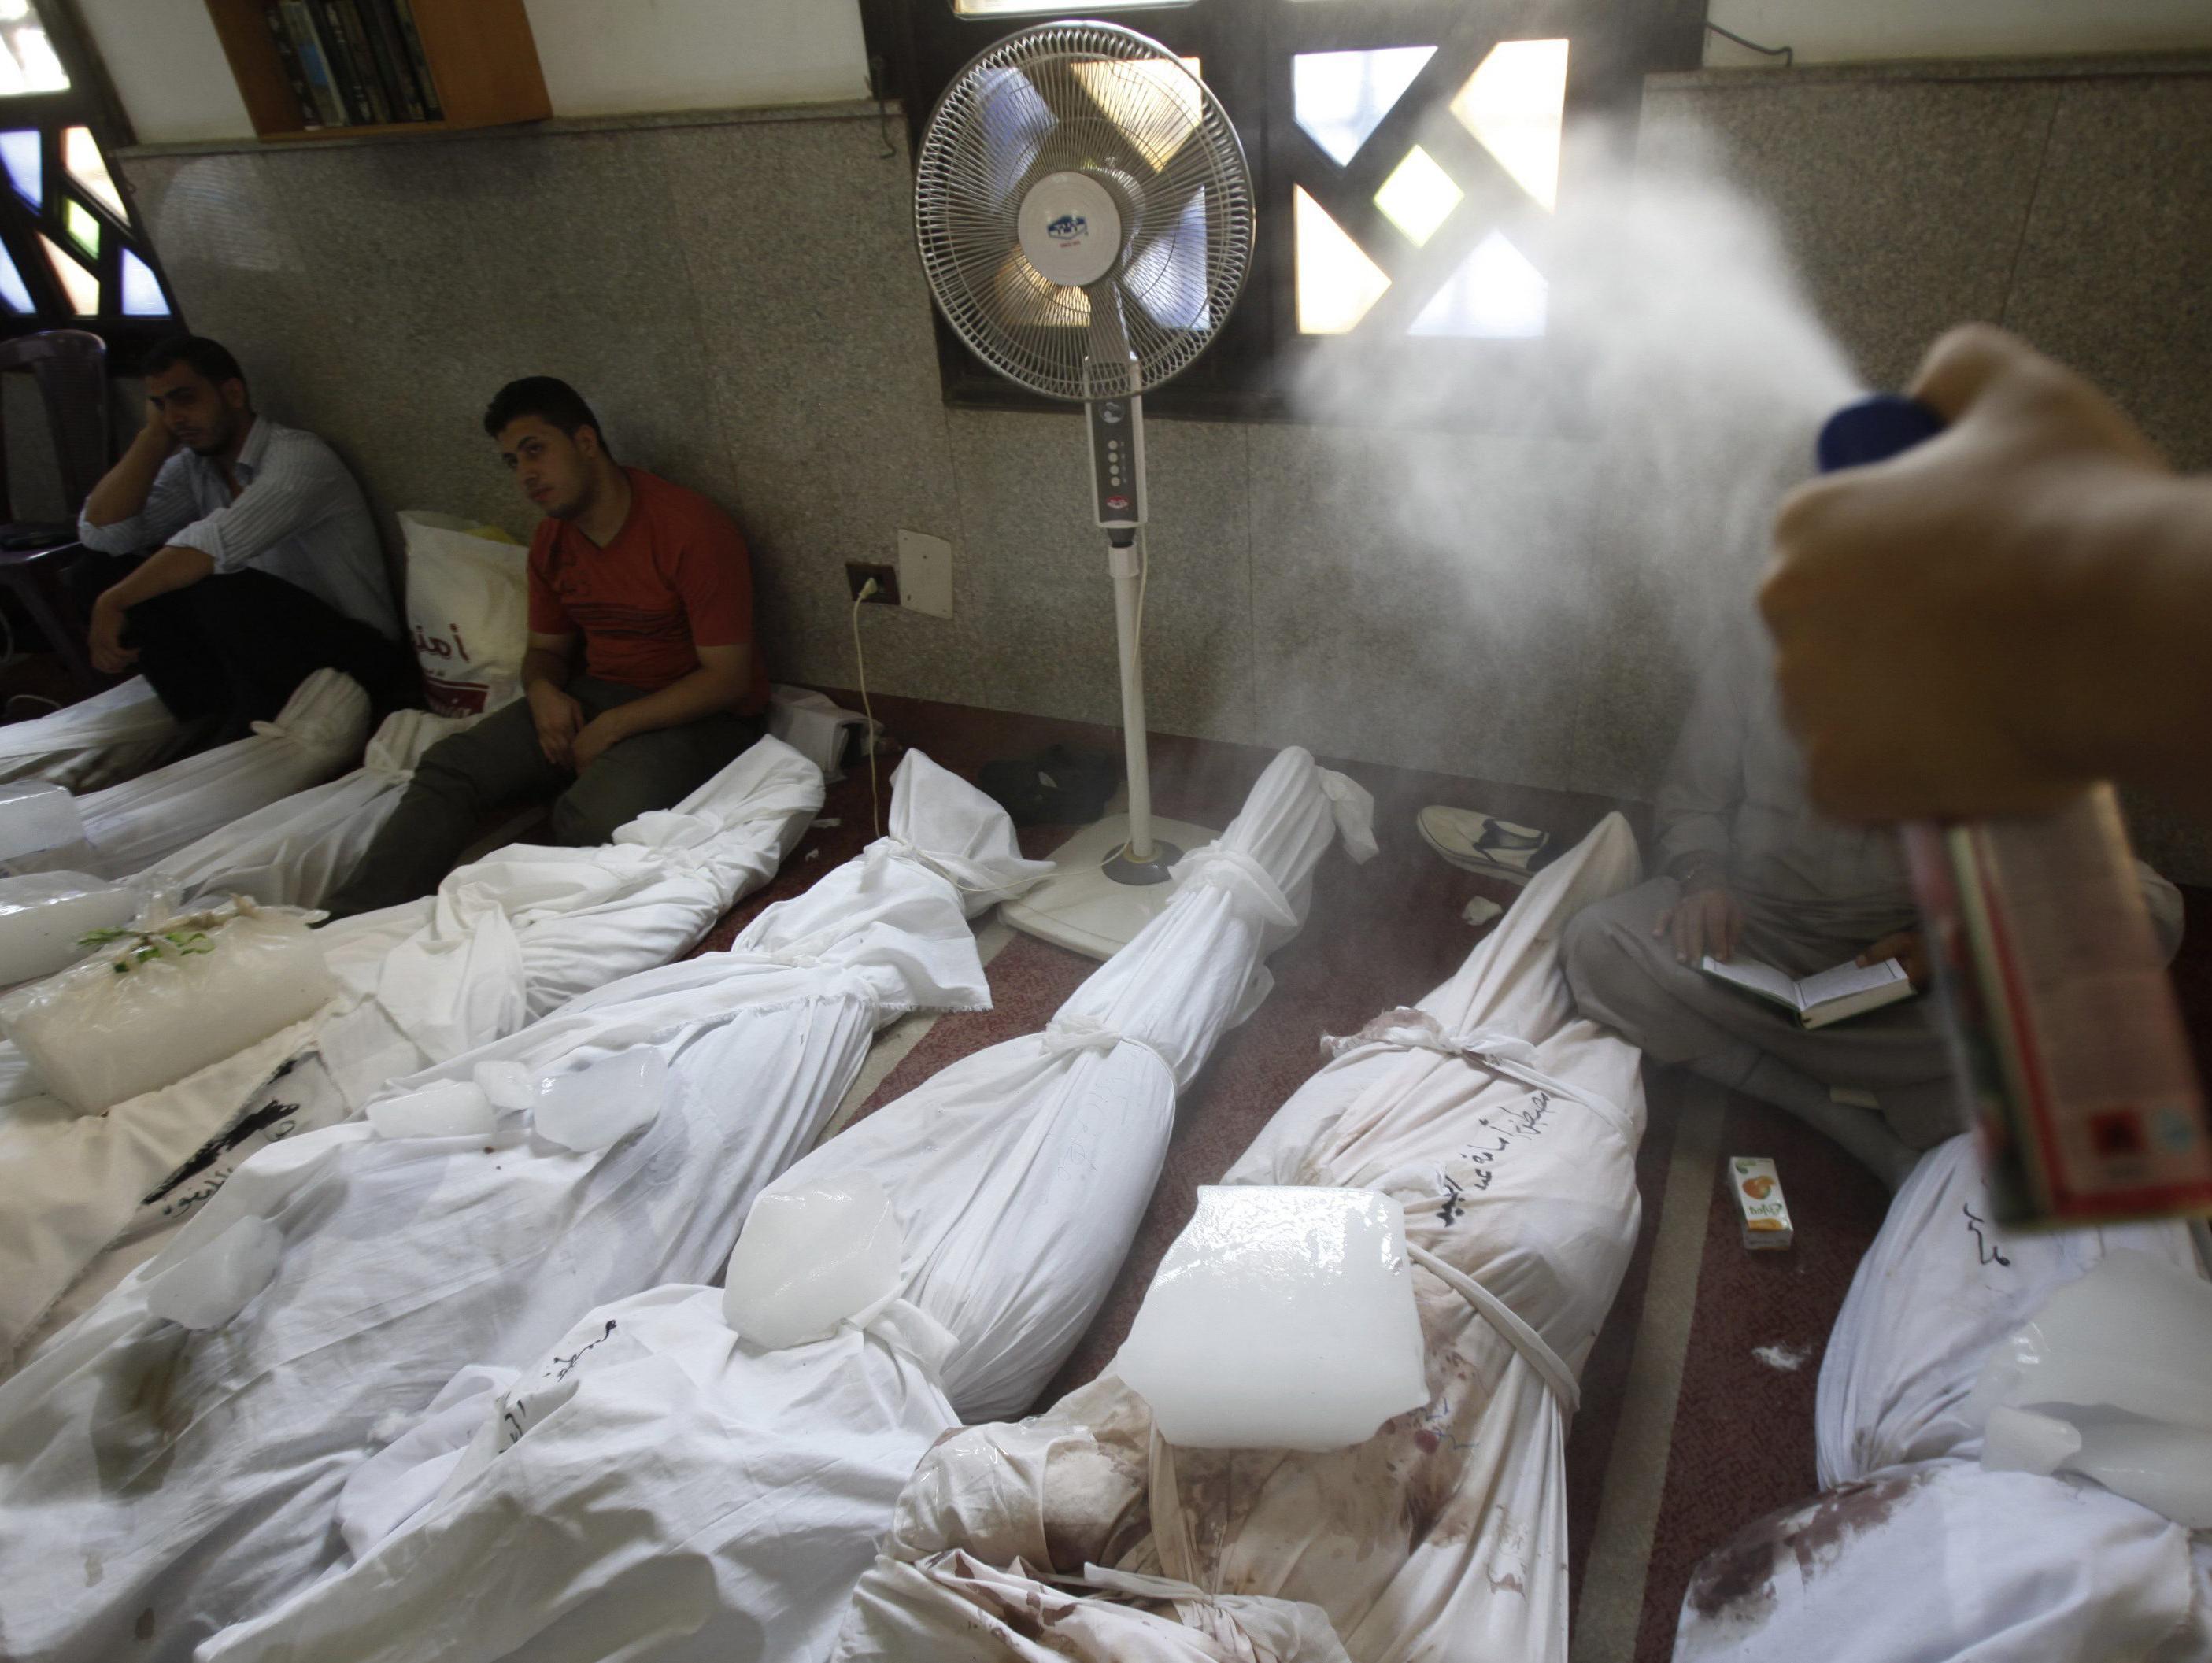 מקבלים חסינות: מצרים העבירה חוק שמגן על בכירי הצבא מחקירות